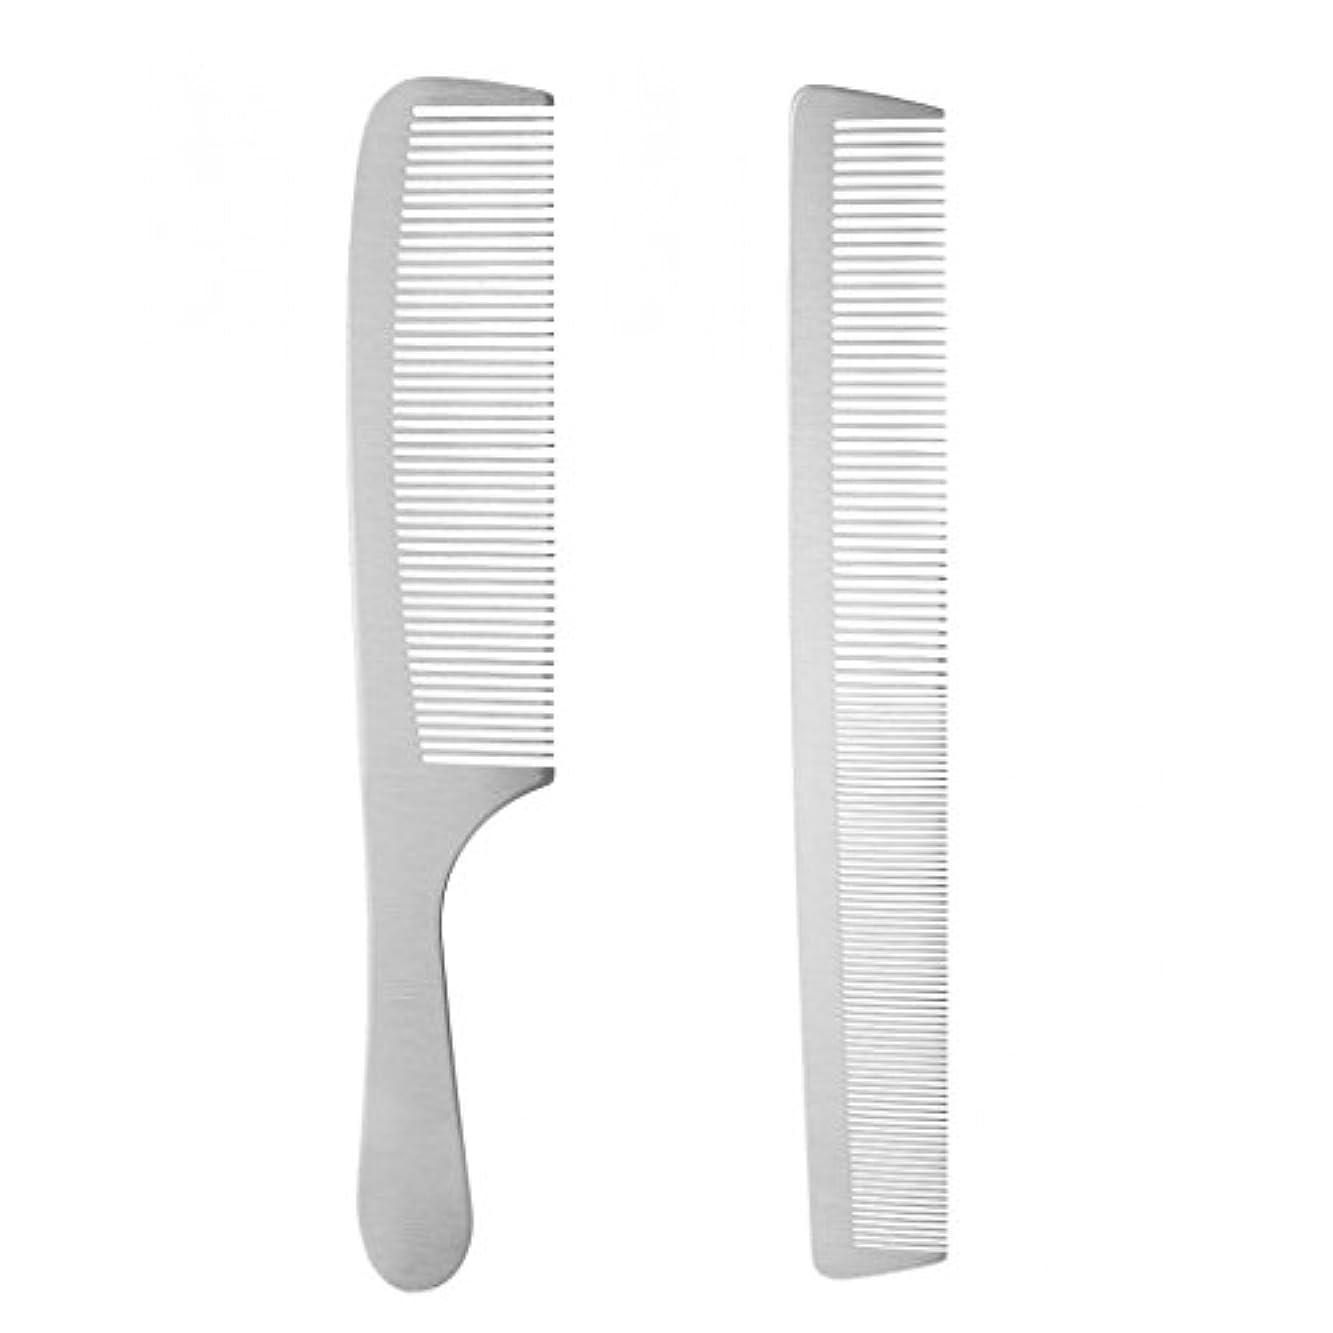 換気するできれば肩をすくめる2個 ヘアスタイリング ヘアカットコーム 櫛 ヘアブラシ ステンレス鋼 サロン 理髪師 カッティング 耐久性 耐熱性